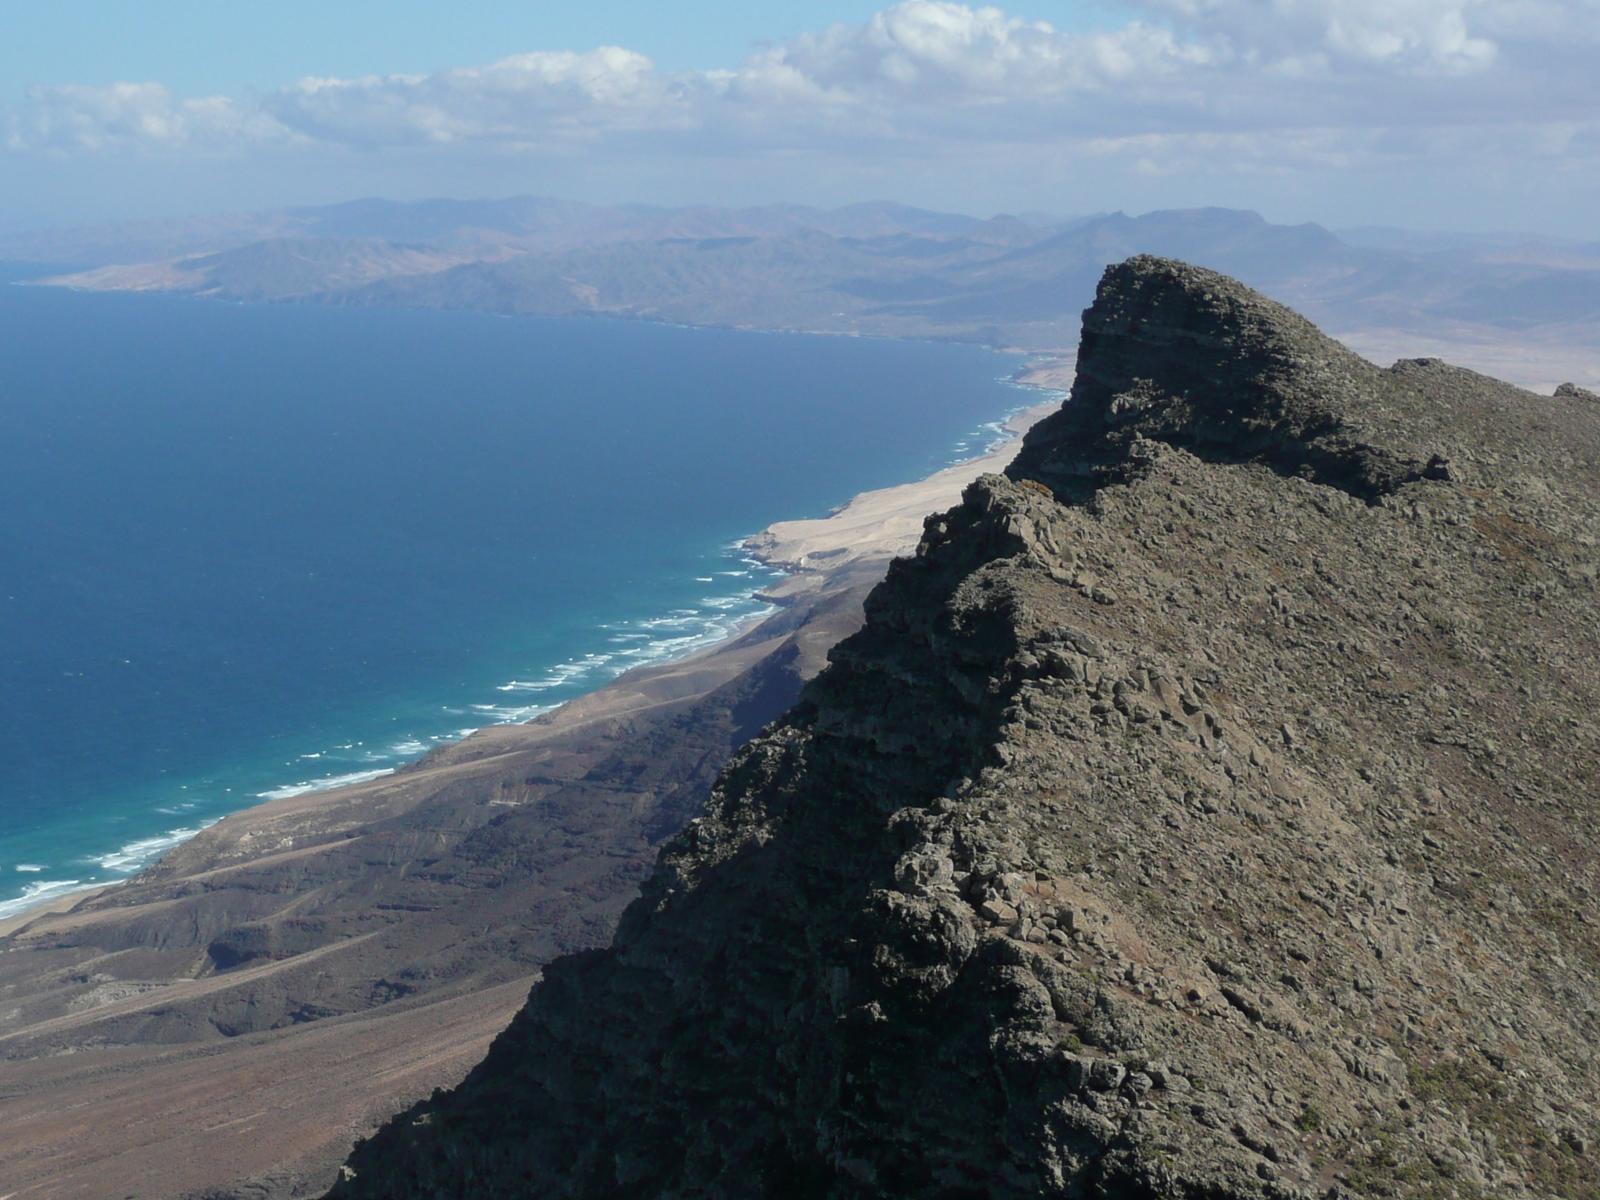 Pico de la zarza